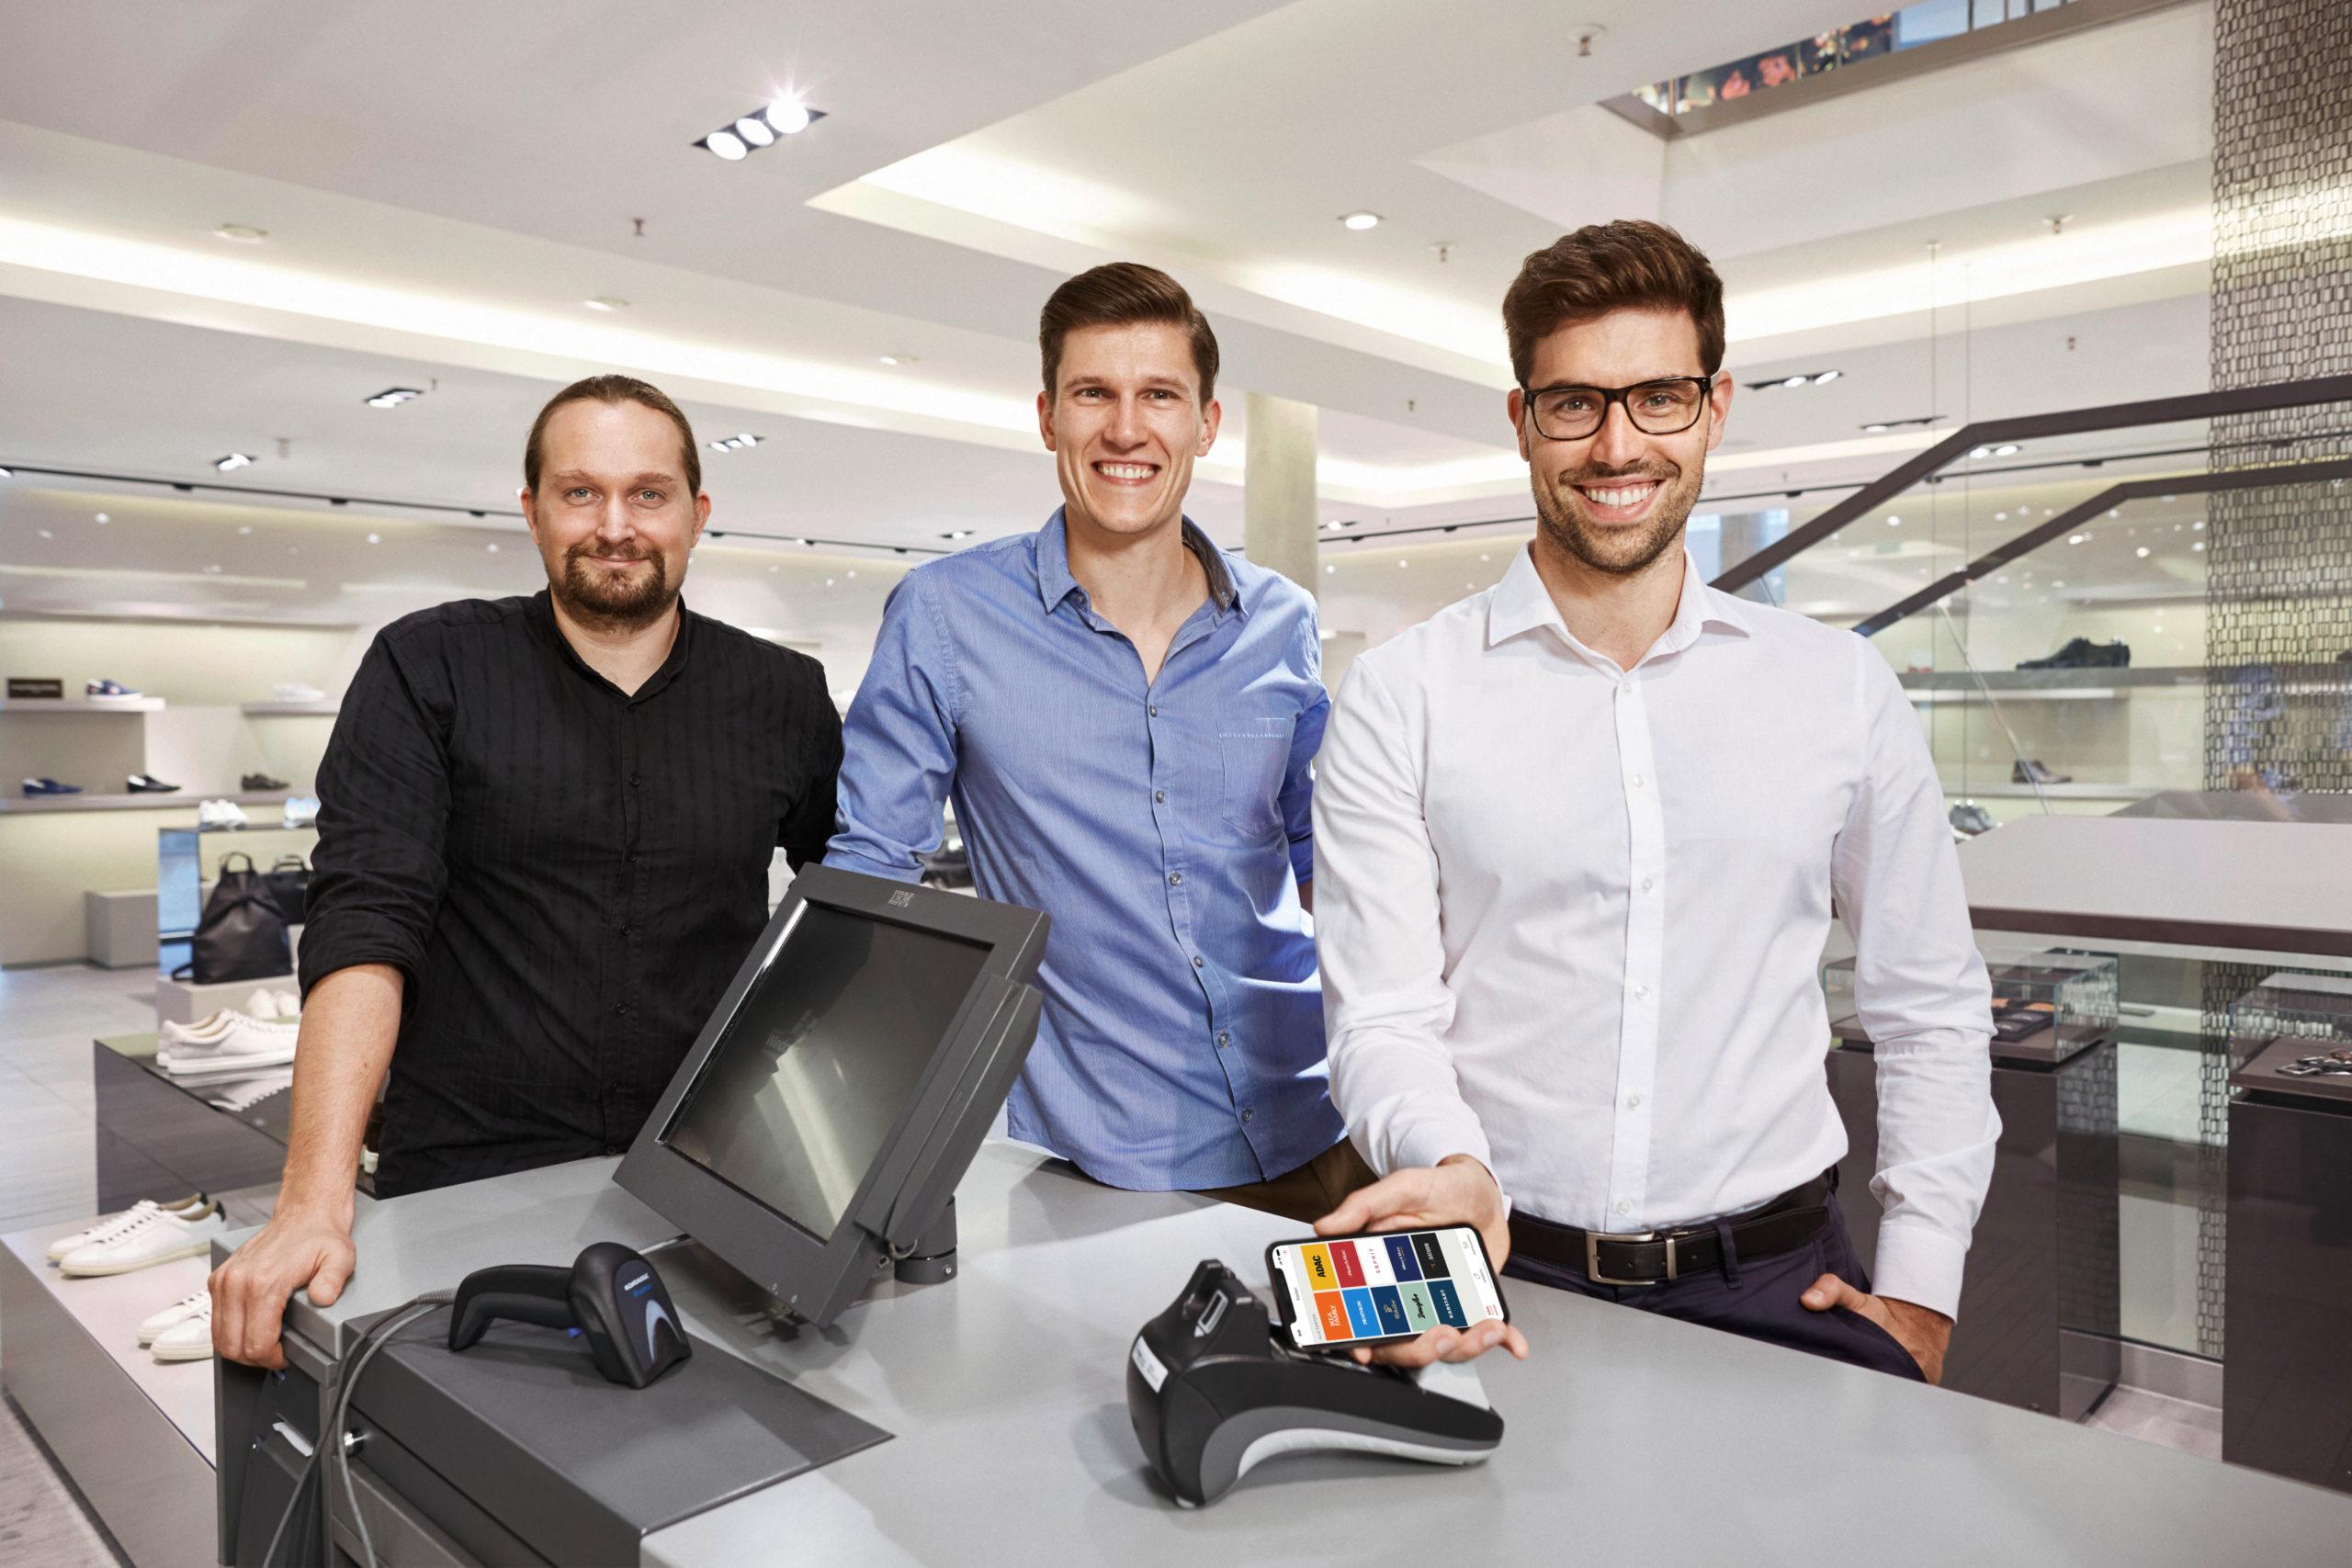 Die Gründer des Startups Stocard.